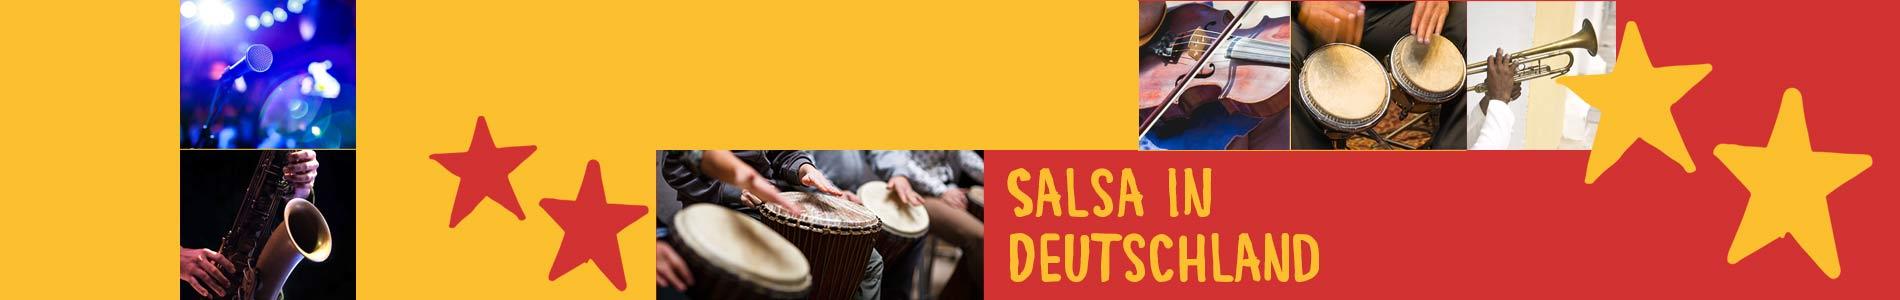 Salsa in Brannenburg – Salsa lernen und tanzen, Tanzkurse, Partys, Veranstaltungen